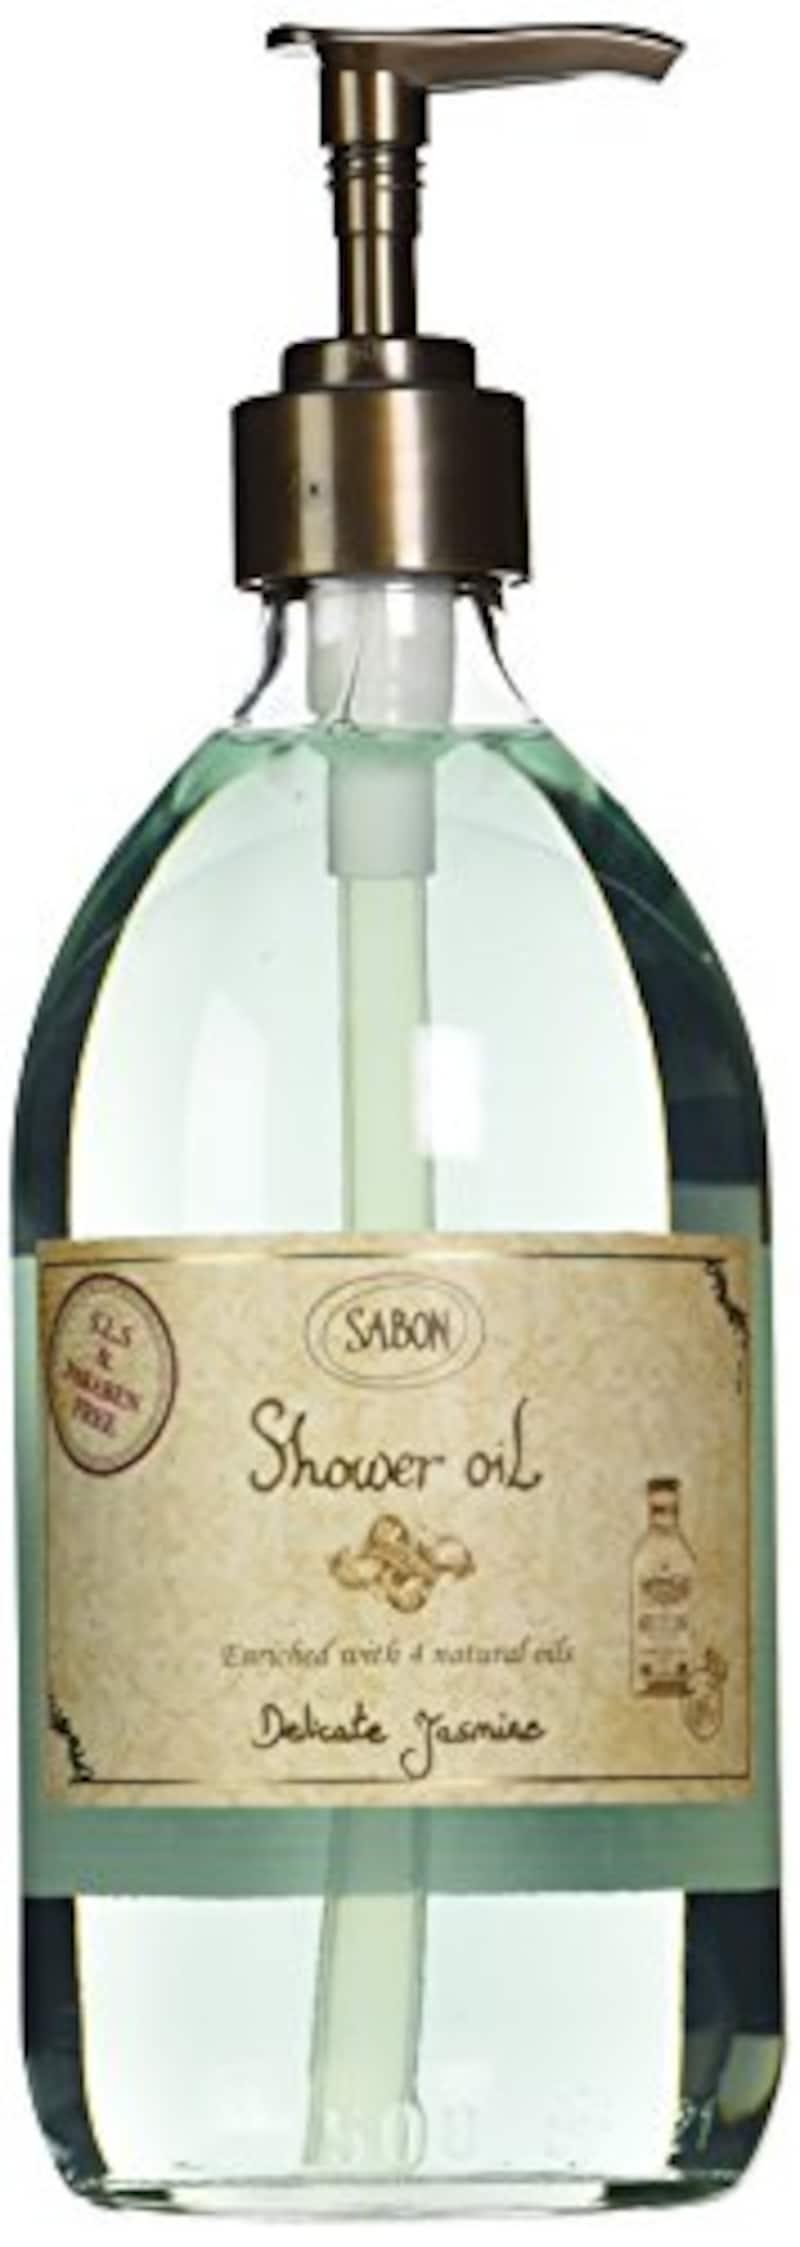 SABON(サボン),シャワーオイルデリケートジャスミン